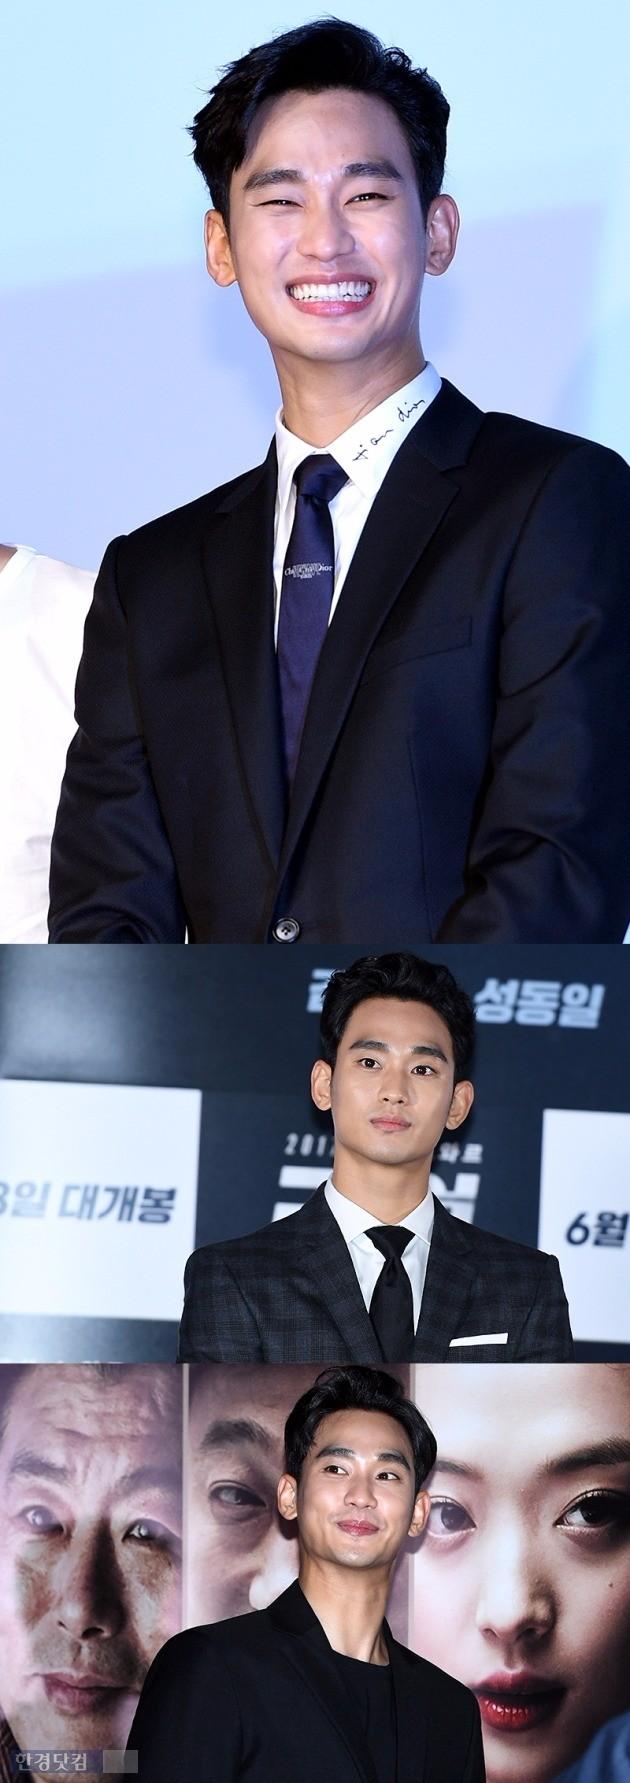 영화 '리얼'의 제작발표회, 언론시사회 전과 후의 김수현. 부쩍 수척한 모습이다. /사진=한경DB